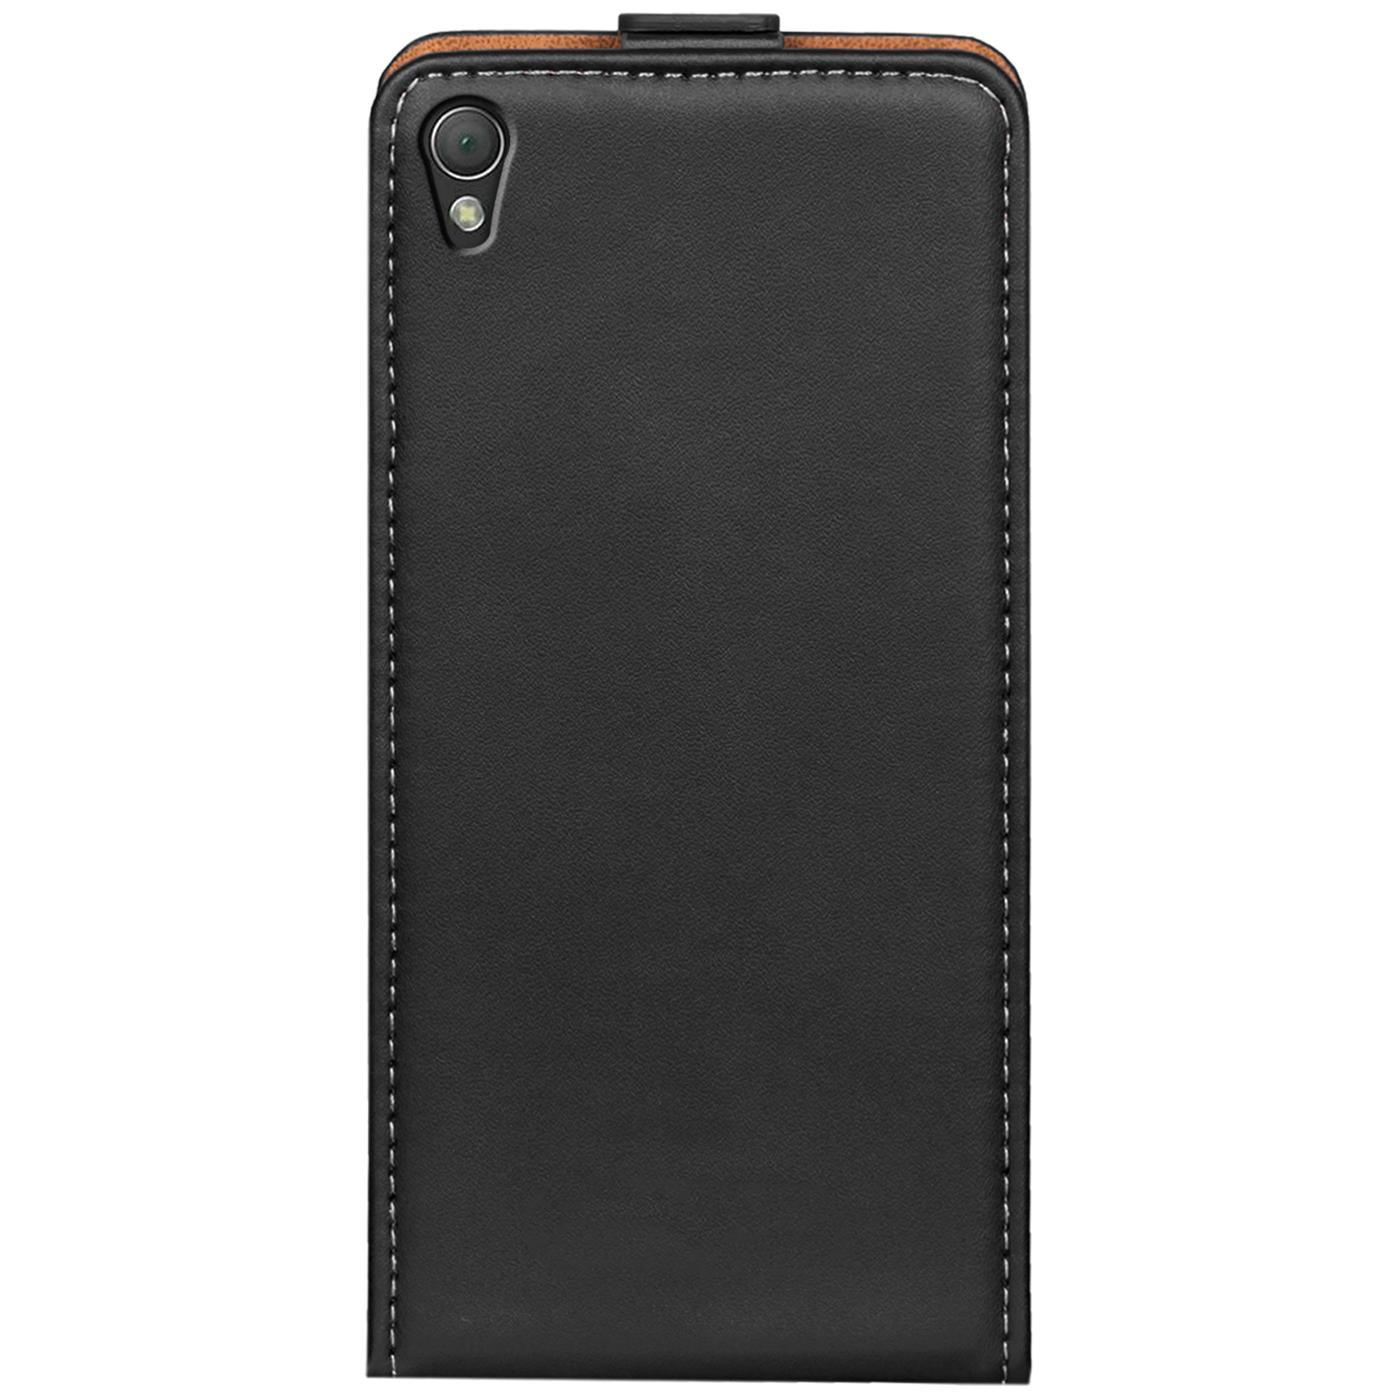 Slim Flip Cover Case sony Xperia Z1 Protective MobileXperia Z1 Protective Case